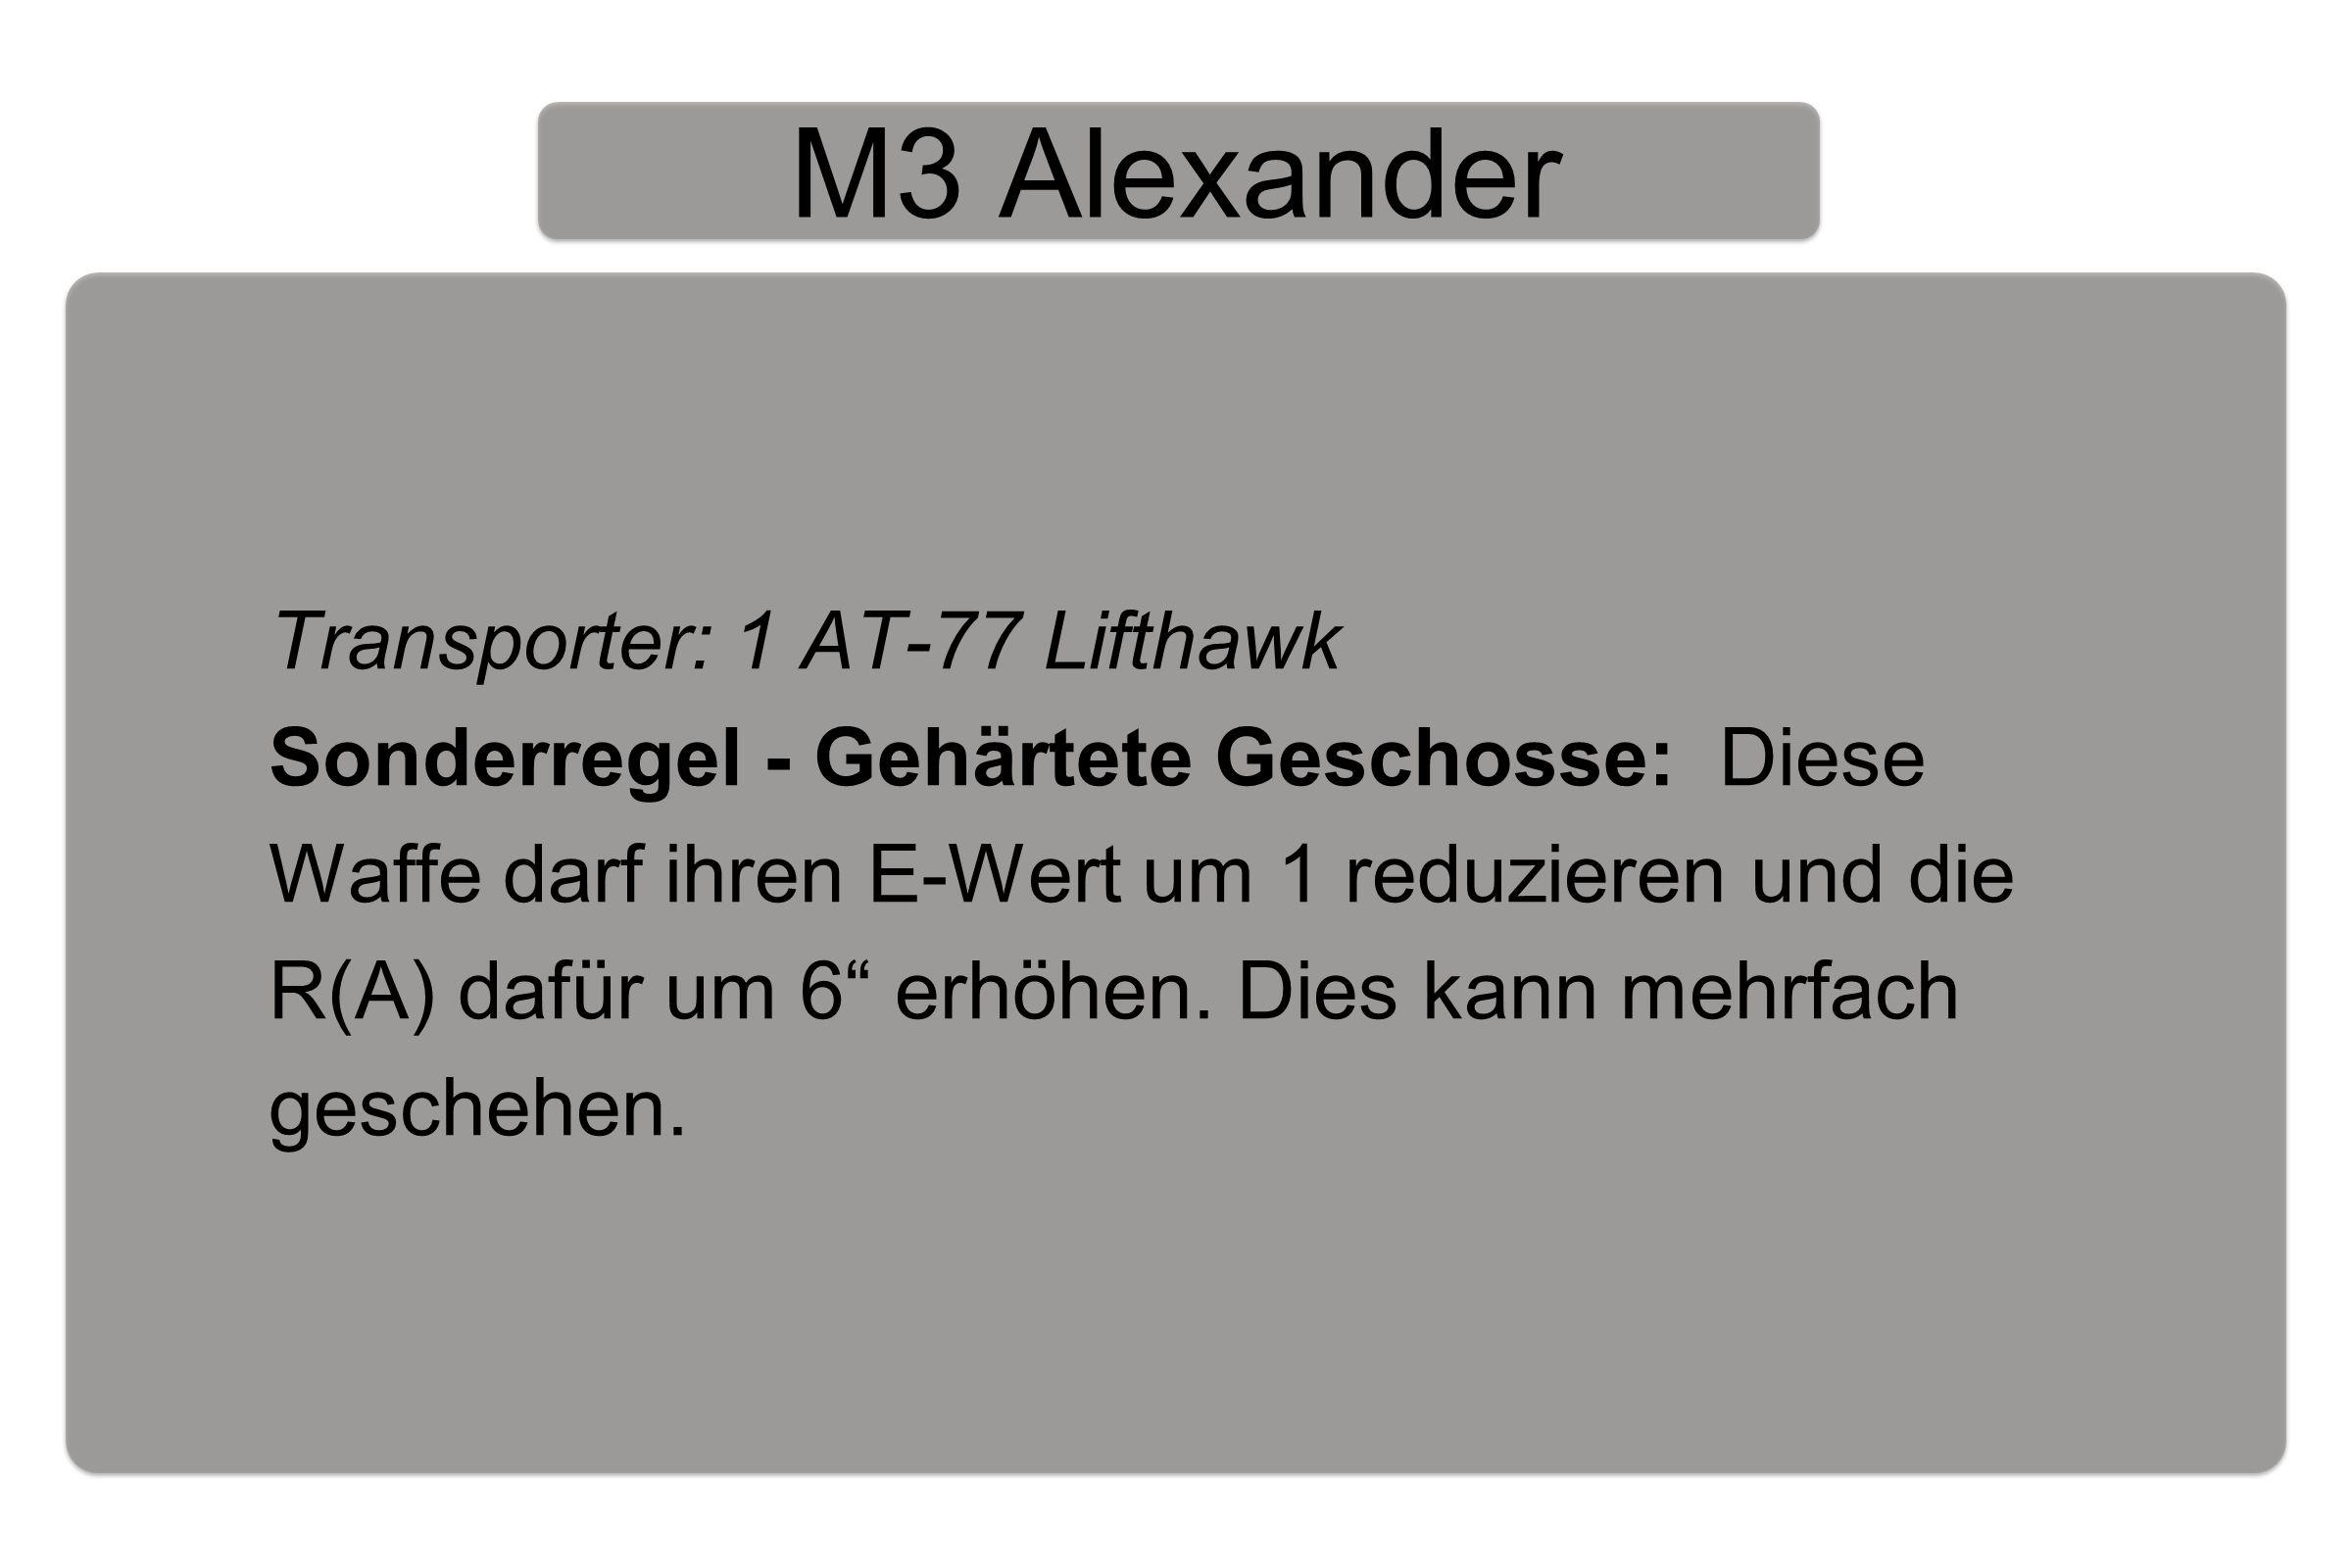 M3 Alexander Transporter: 1 AT-77 Lifthawk Sonderregel - Gehärtete Geschosse: Diese Waffe darf ihren E-Wert um 1 reduzieren und die R(A) dafür um 6 erhöhen.